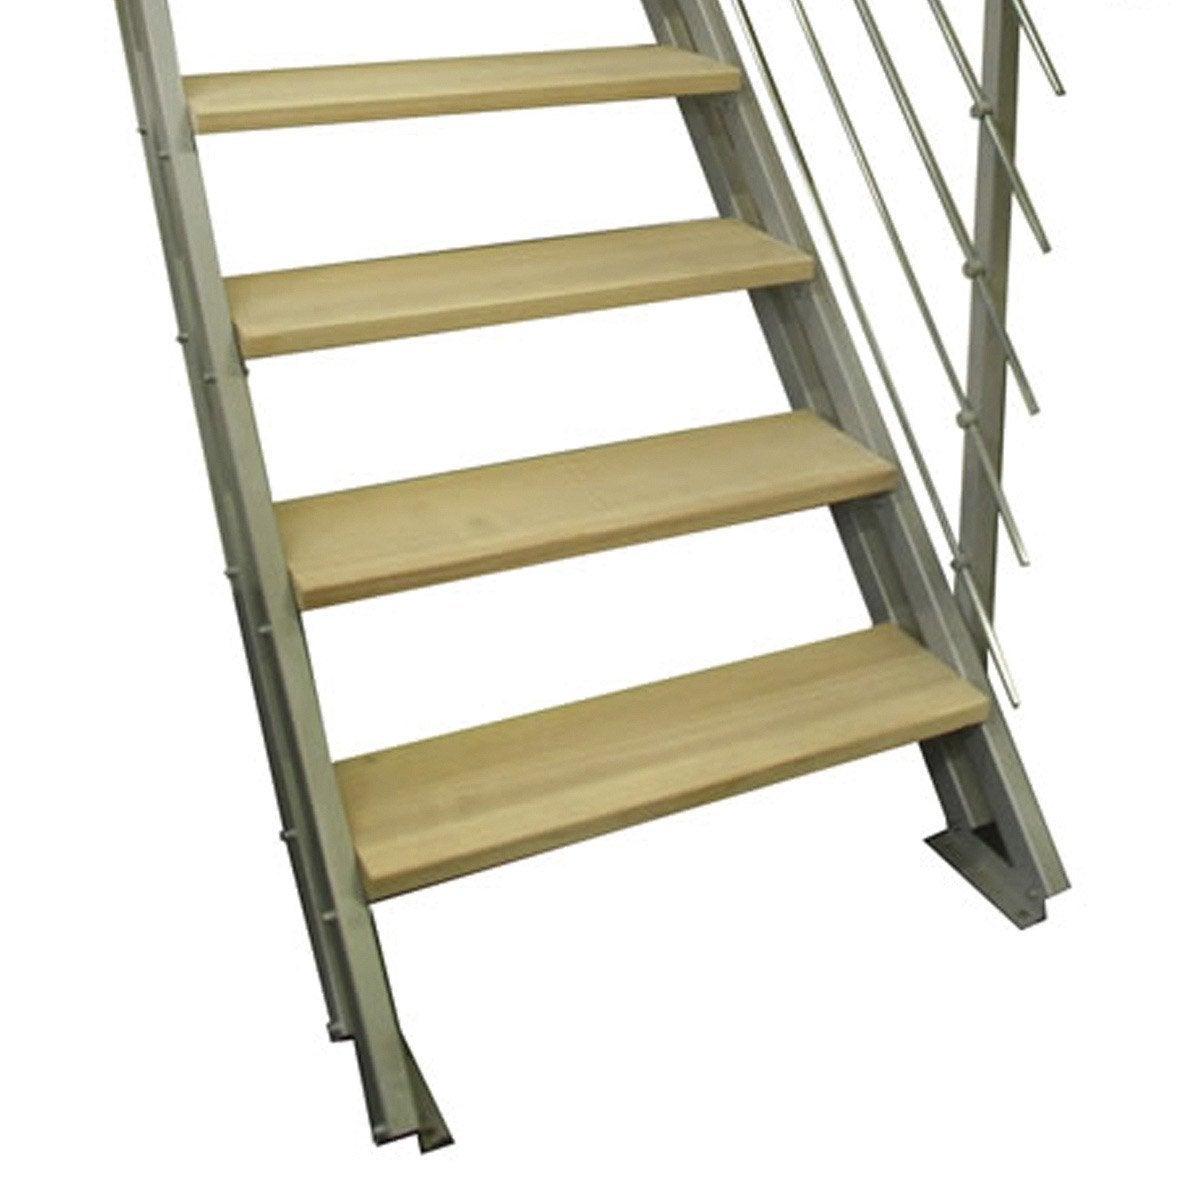 Escalier modulaire escavario structure acier marche bois leroy merlin - Escalier pas japonais leroy merlin ...